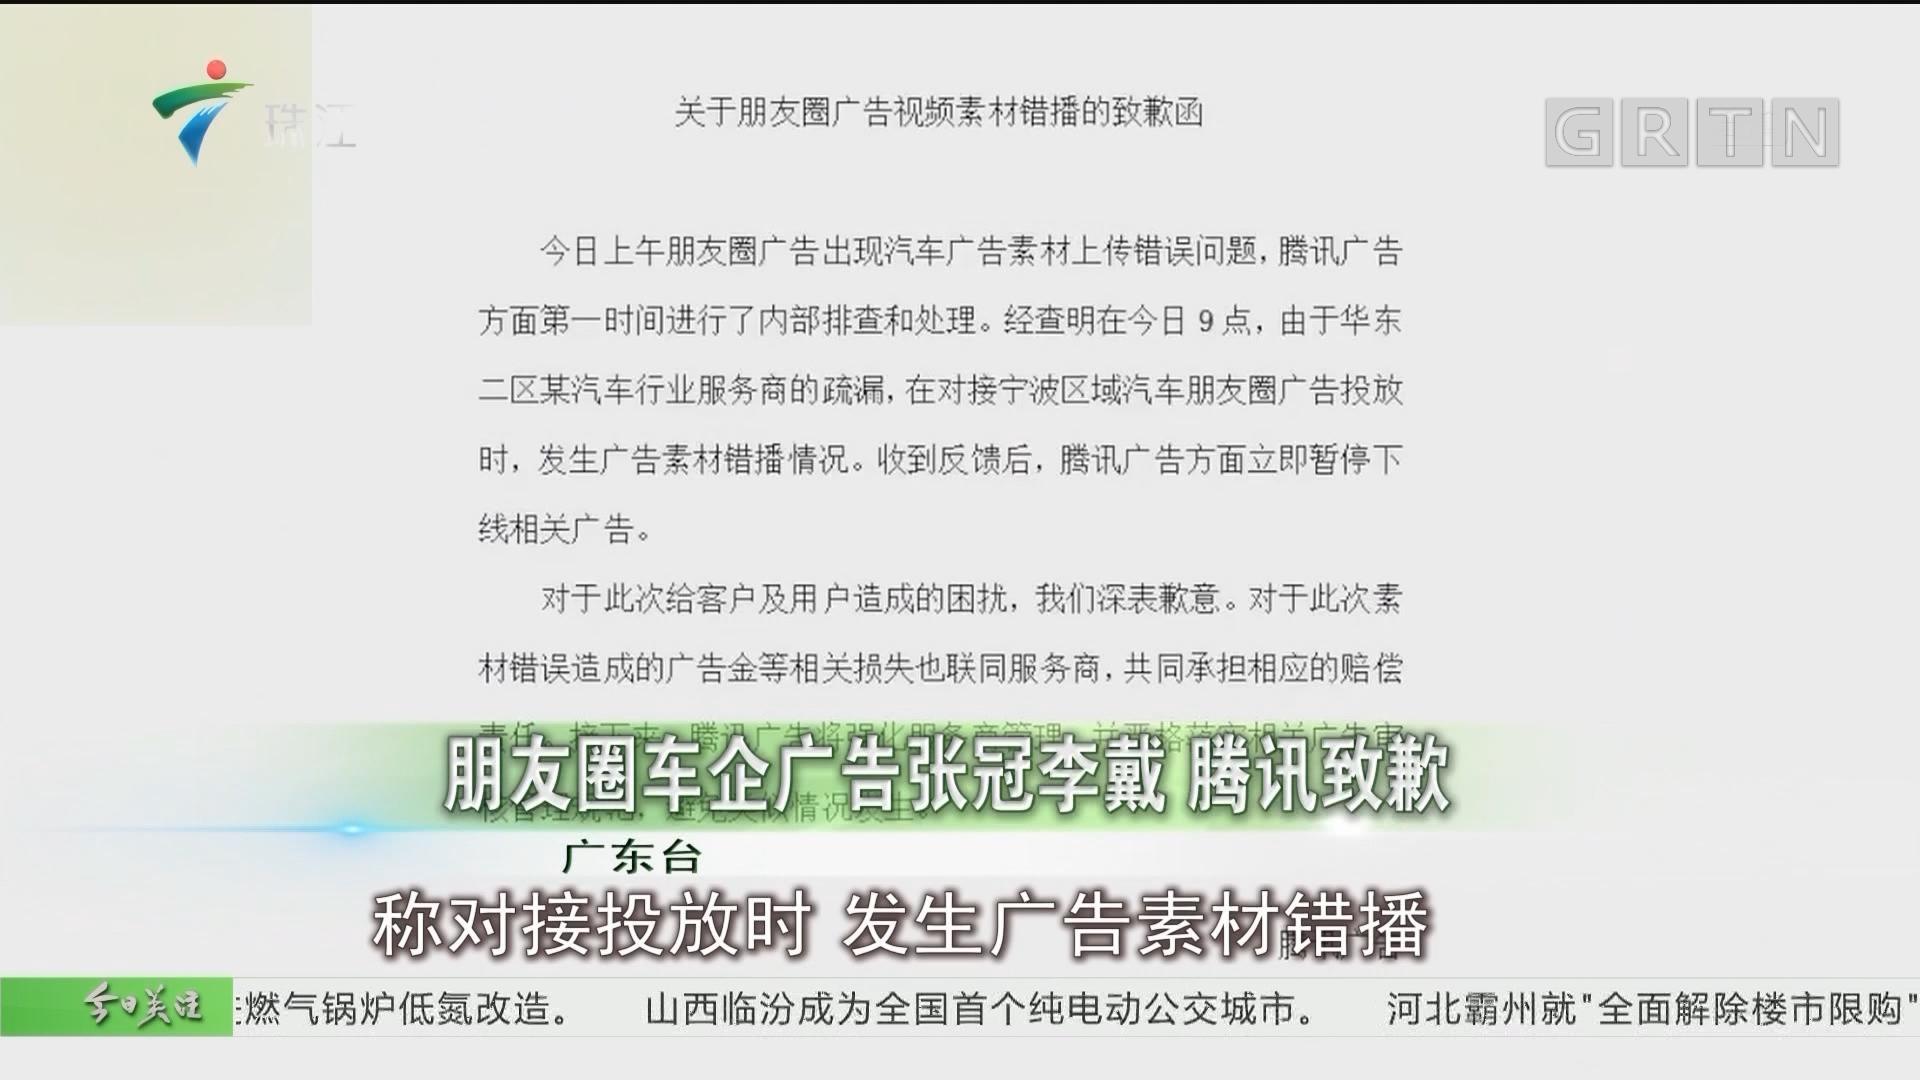 朋友圈车企广告张冠李戴 腾讯致歉